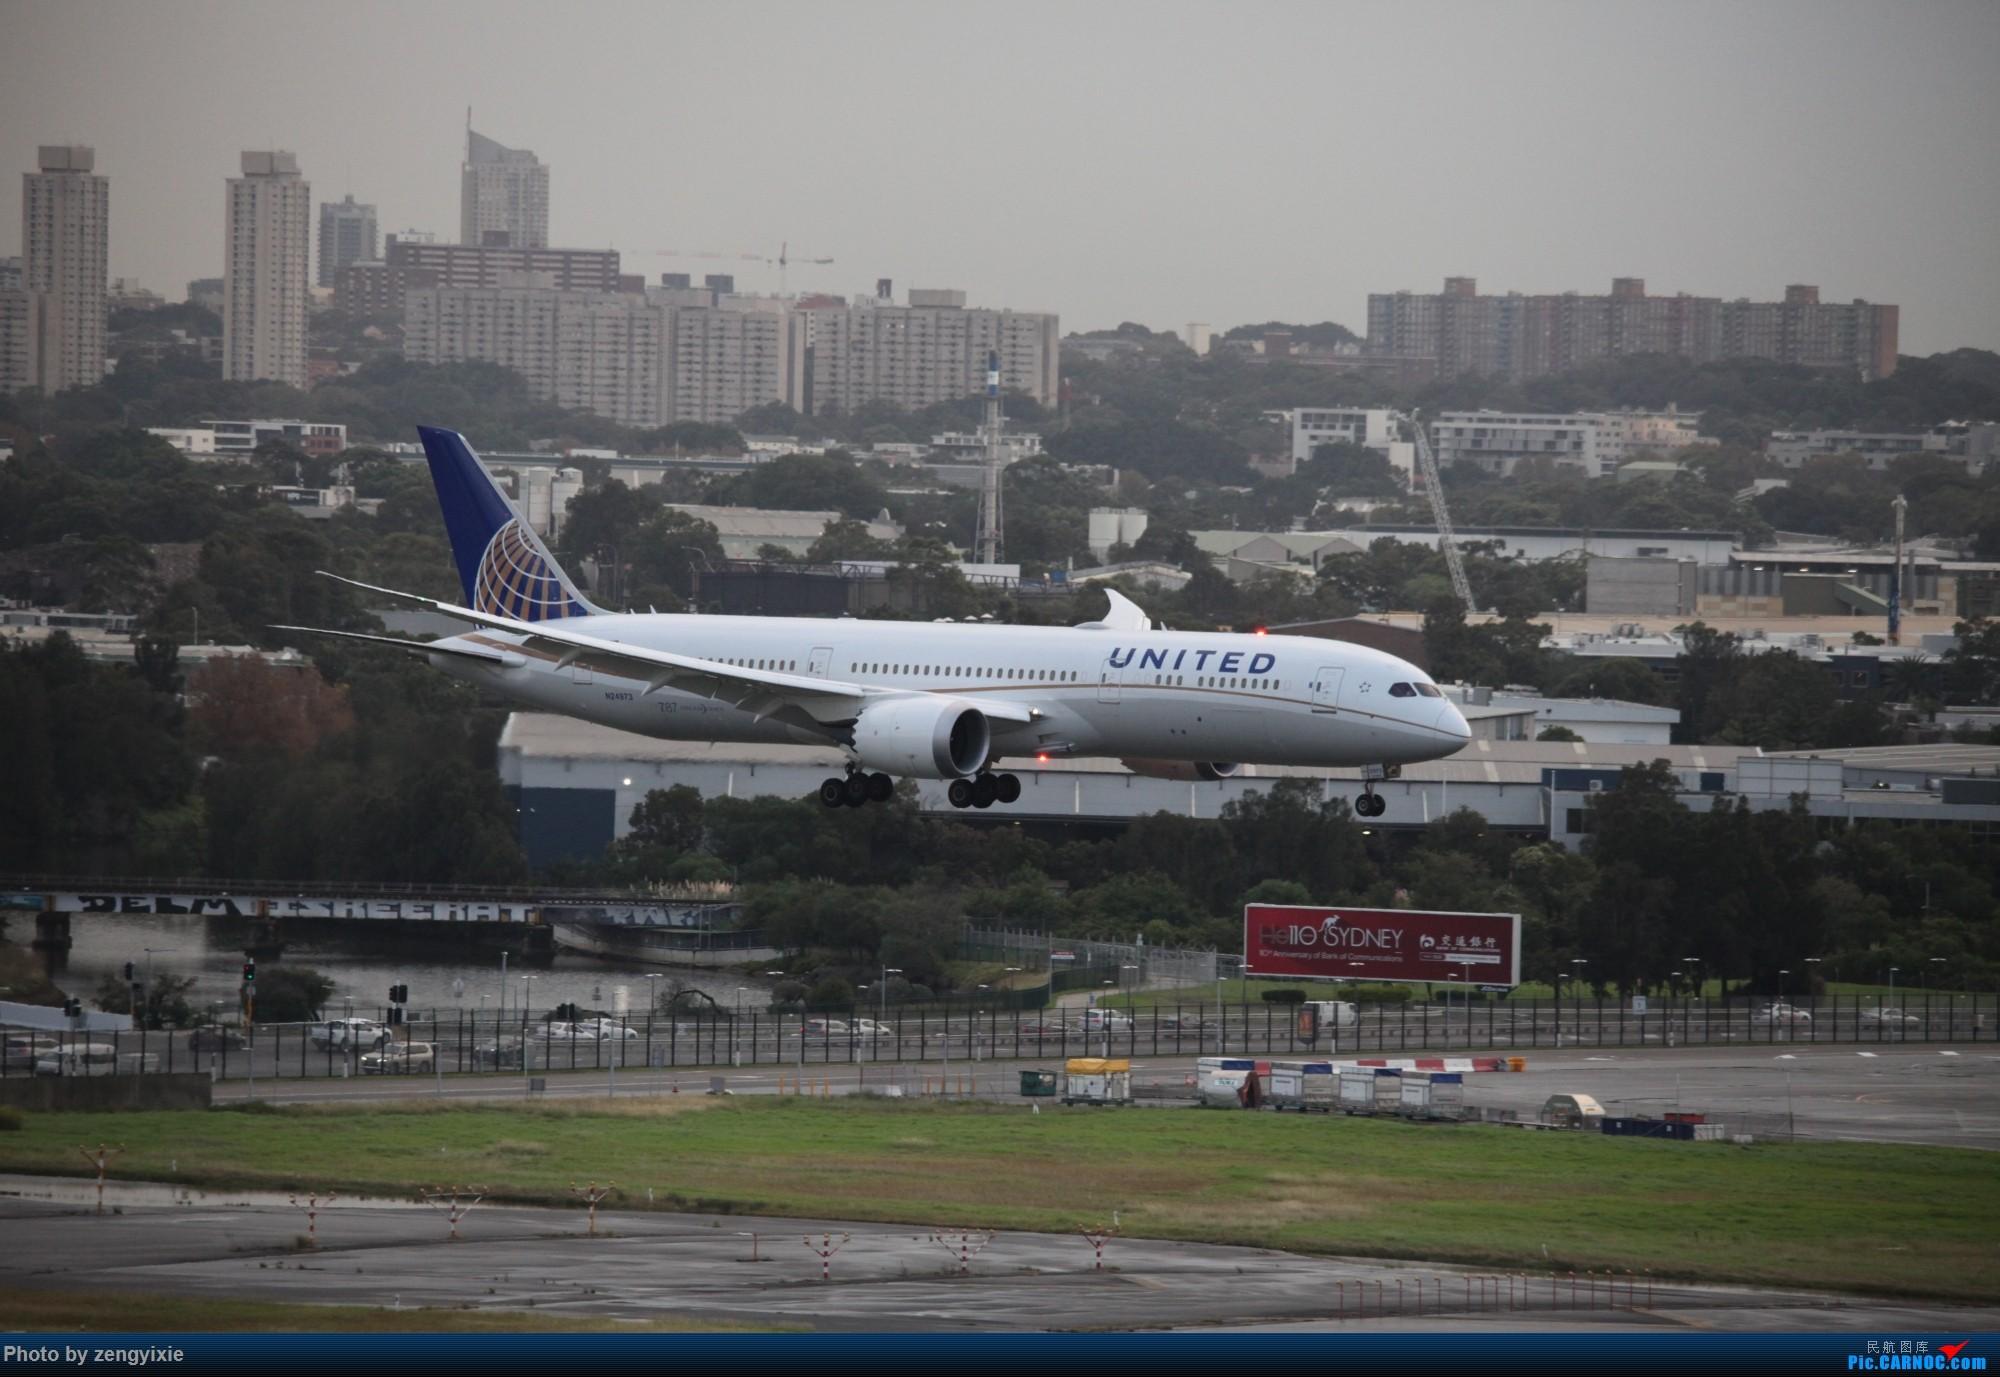 Re:[原创]清晨的悉尼国际降落狂潮 BOEING 787 N24973 澳大利亚悉尼金斯福德·史密斯机场